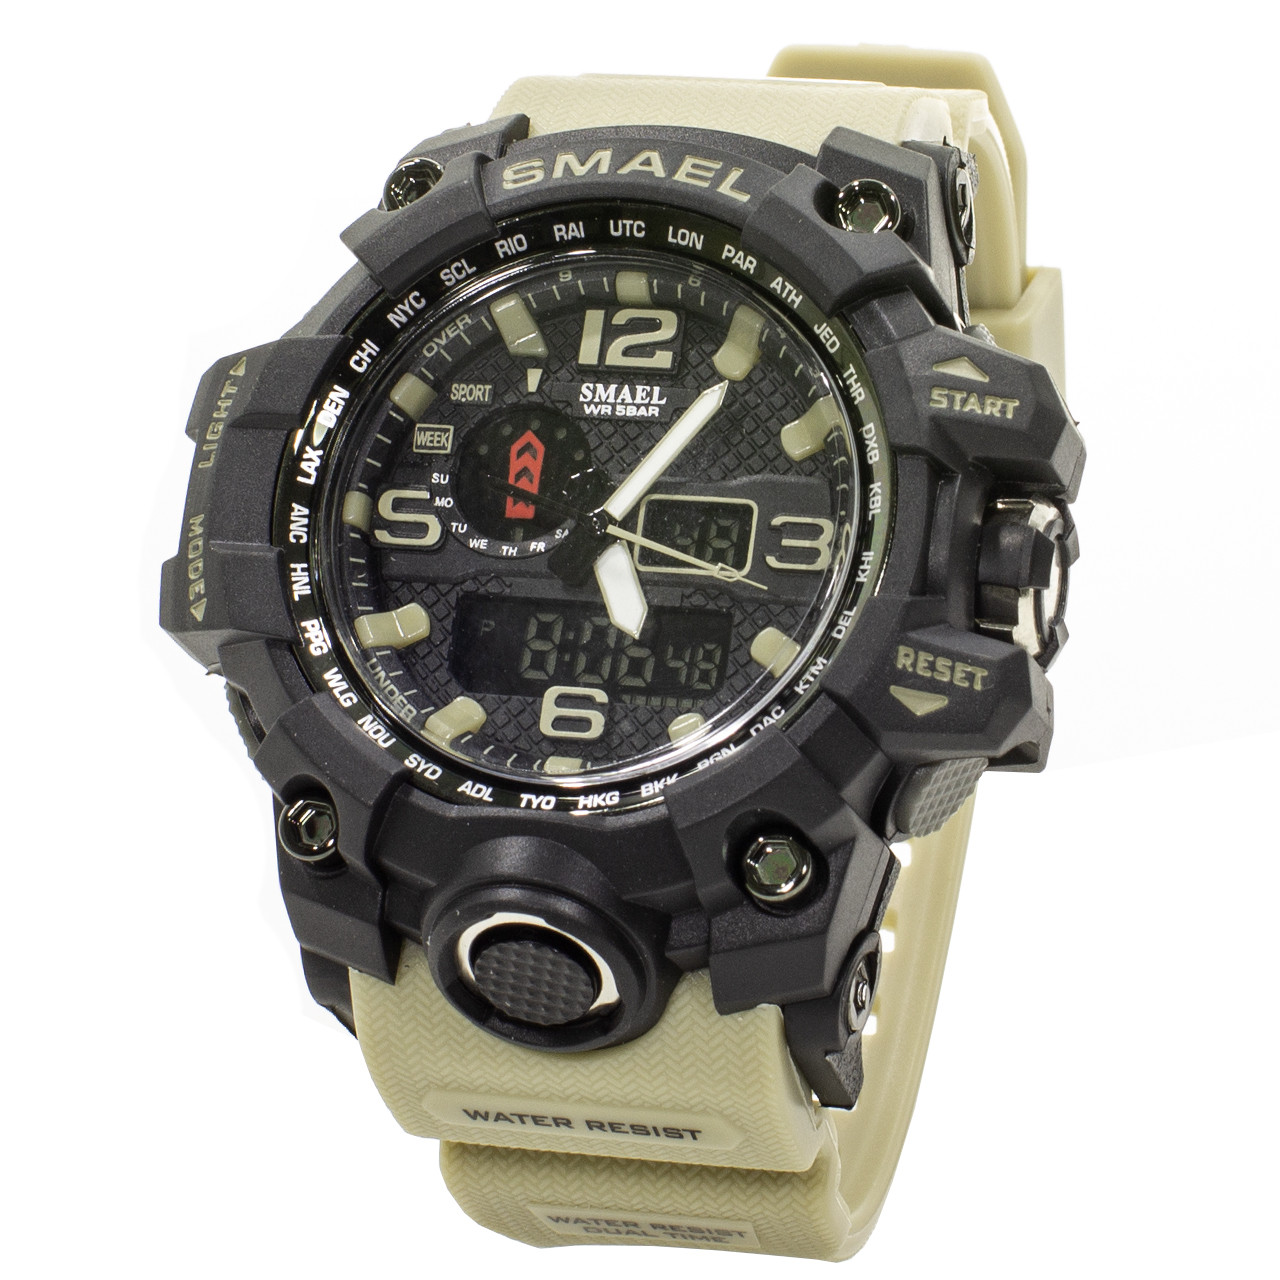 Мужские часы Smael 1545 Black-White (3095-8701)